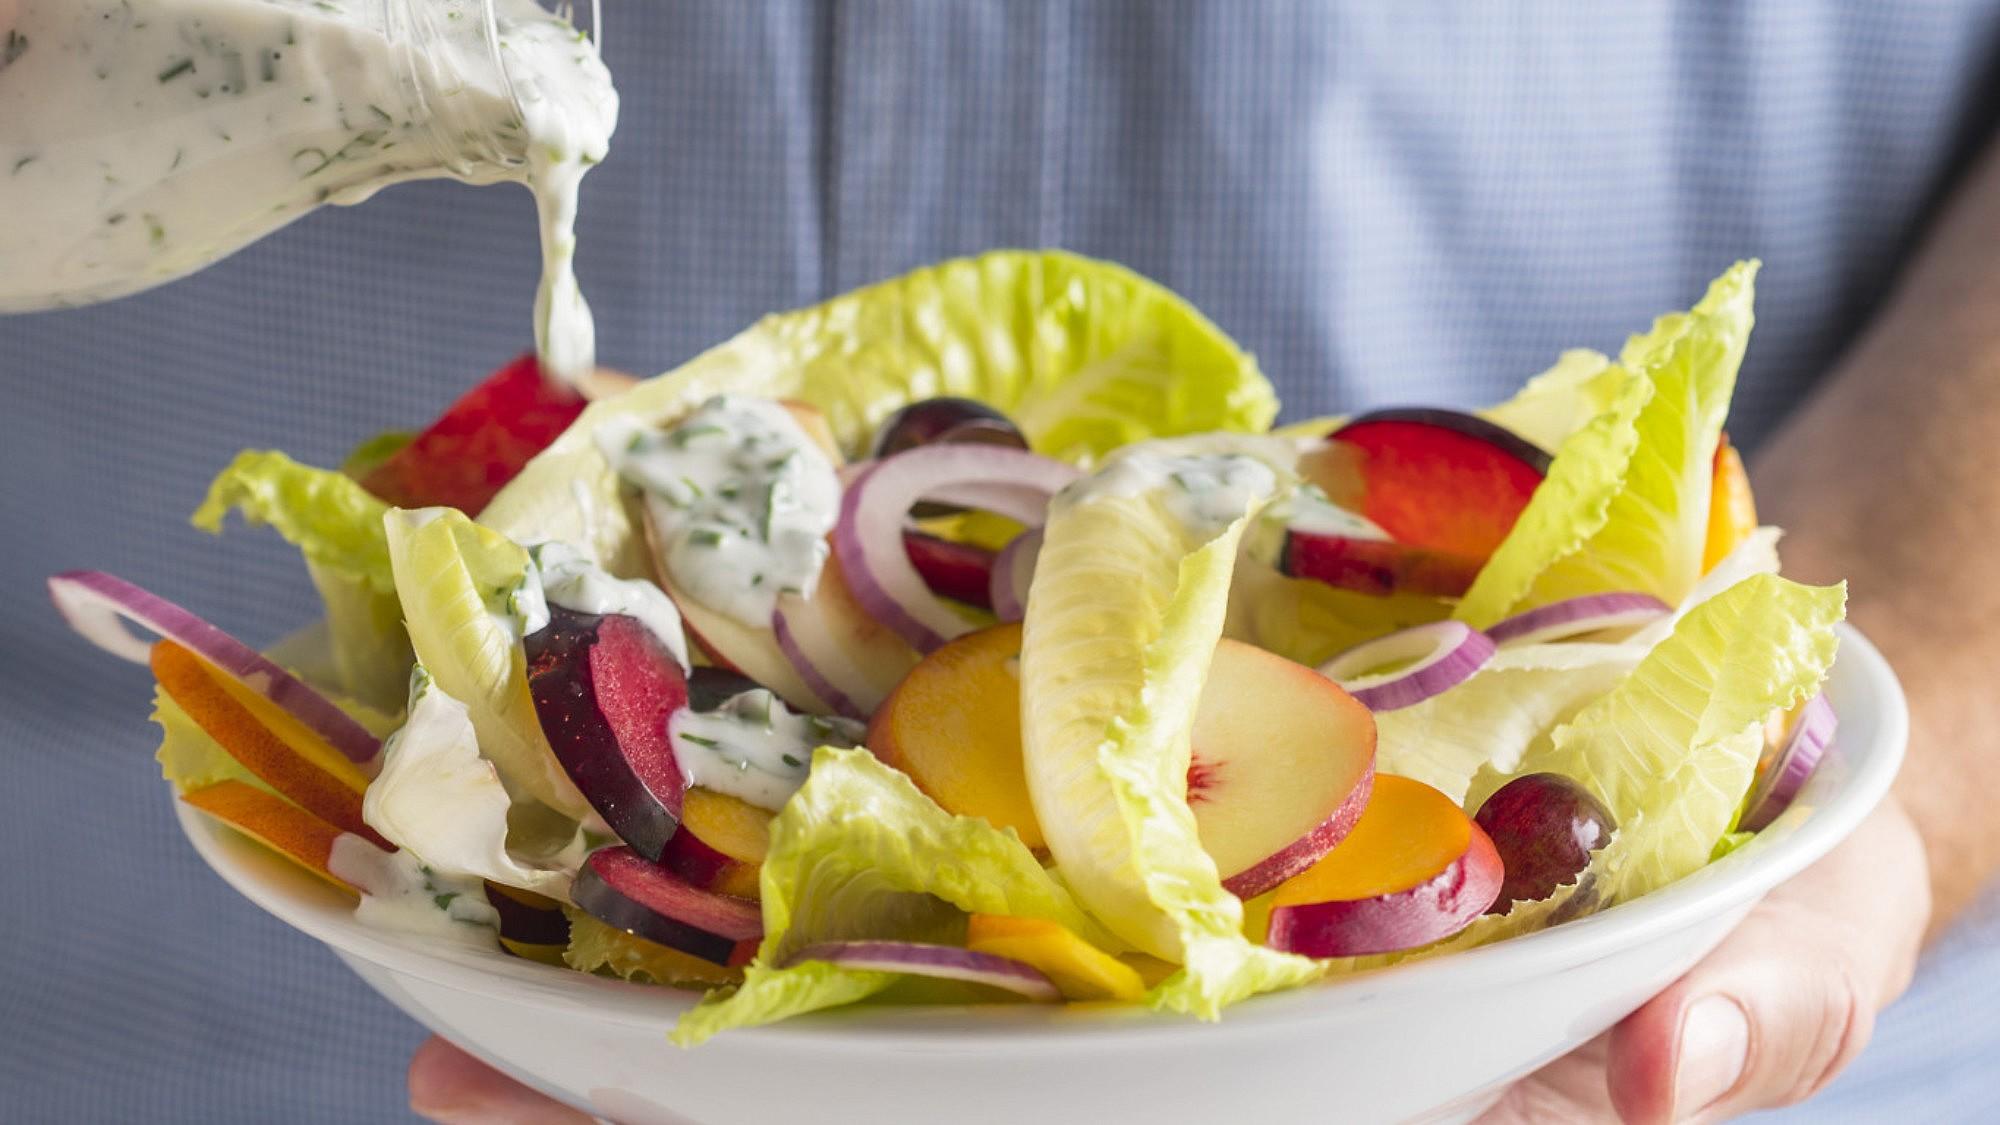 סלט ירקות ופירות ברוטב יוגורט עשבי תיבול של תום פרנץ. צילום וסטיילינג: אפיק גבאי